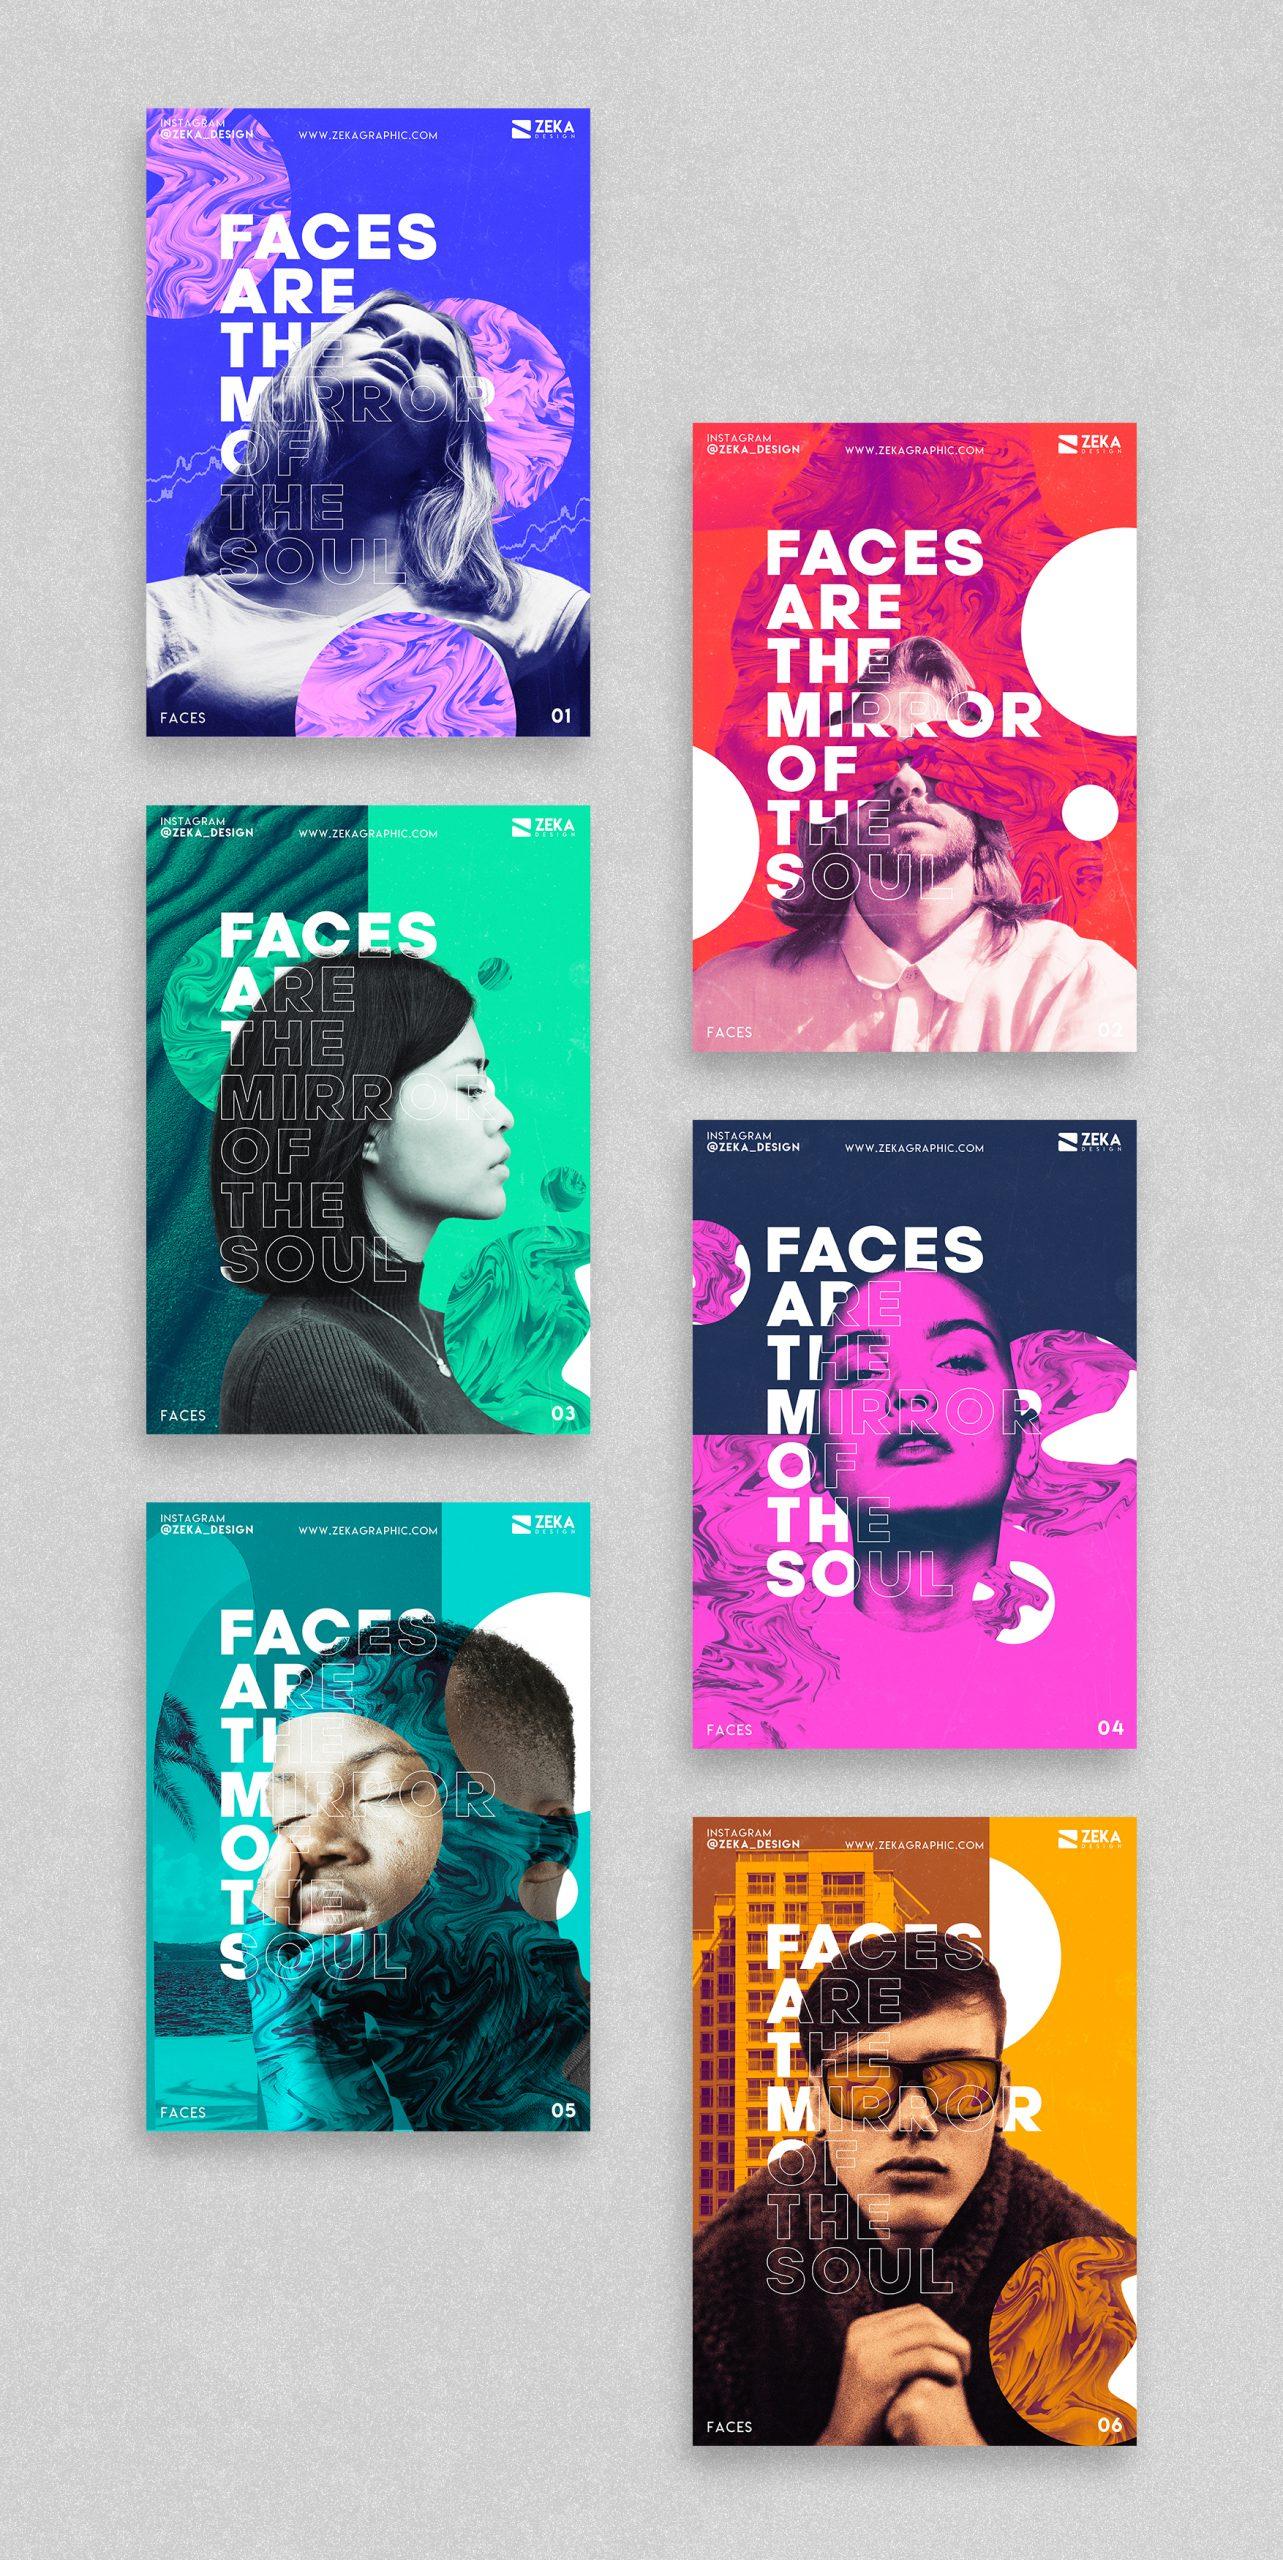 2021 Faces Poster Design Inspiration by Zeka Design